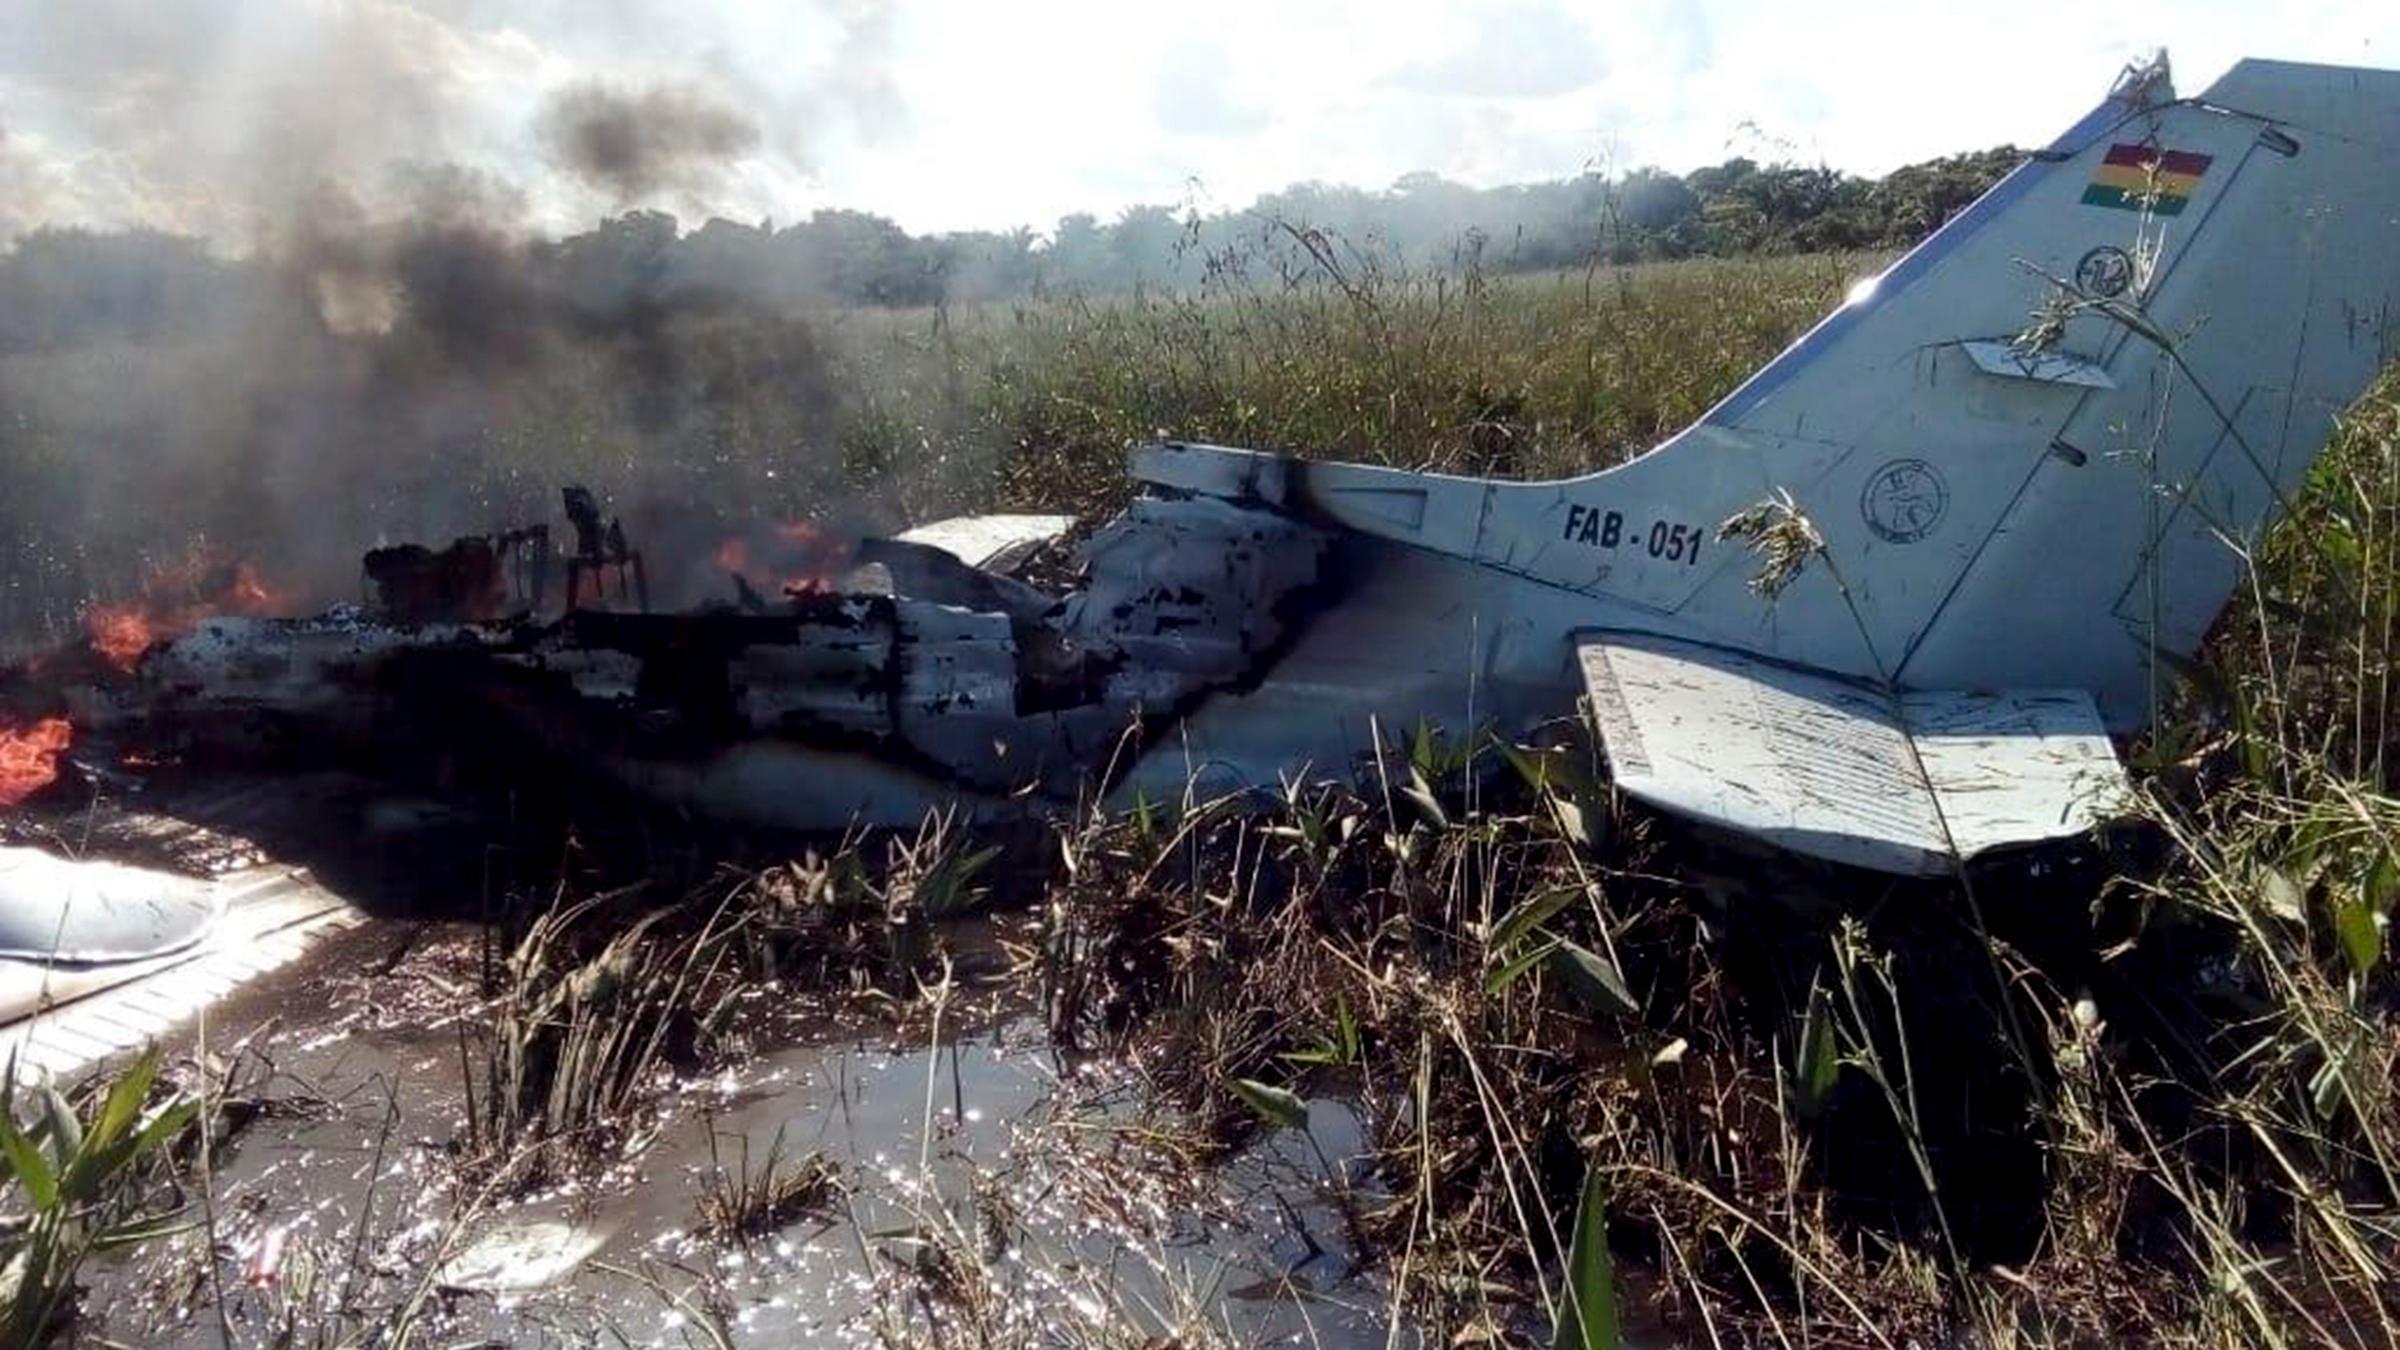 Unterwegs Zum Ruckholflug Tote Bei Flugzeugabsturz In Bolivien Zdfheute